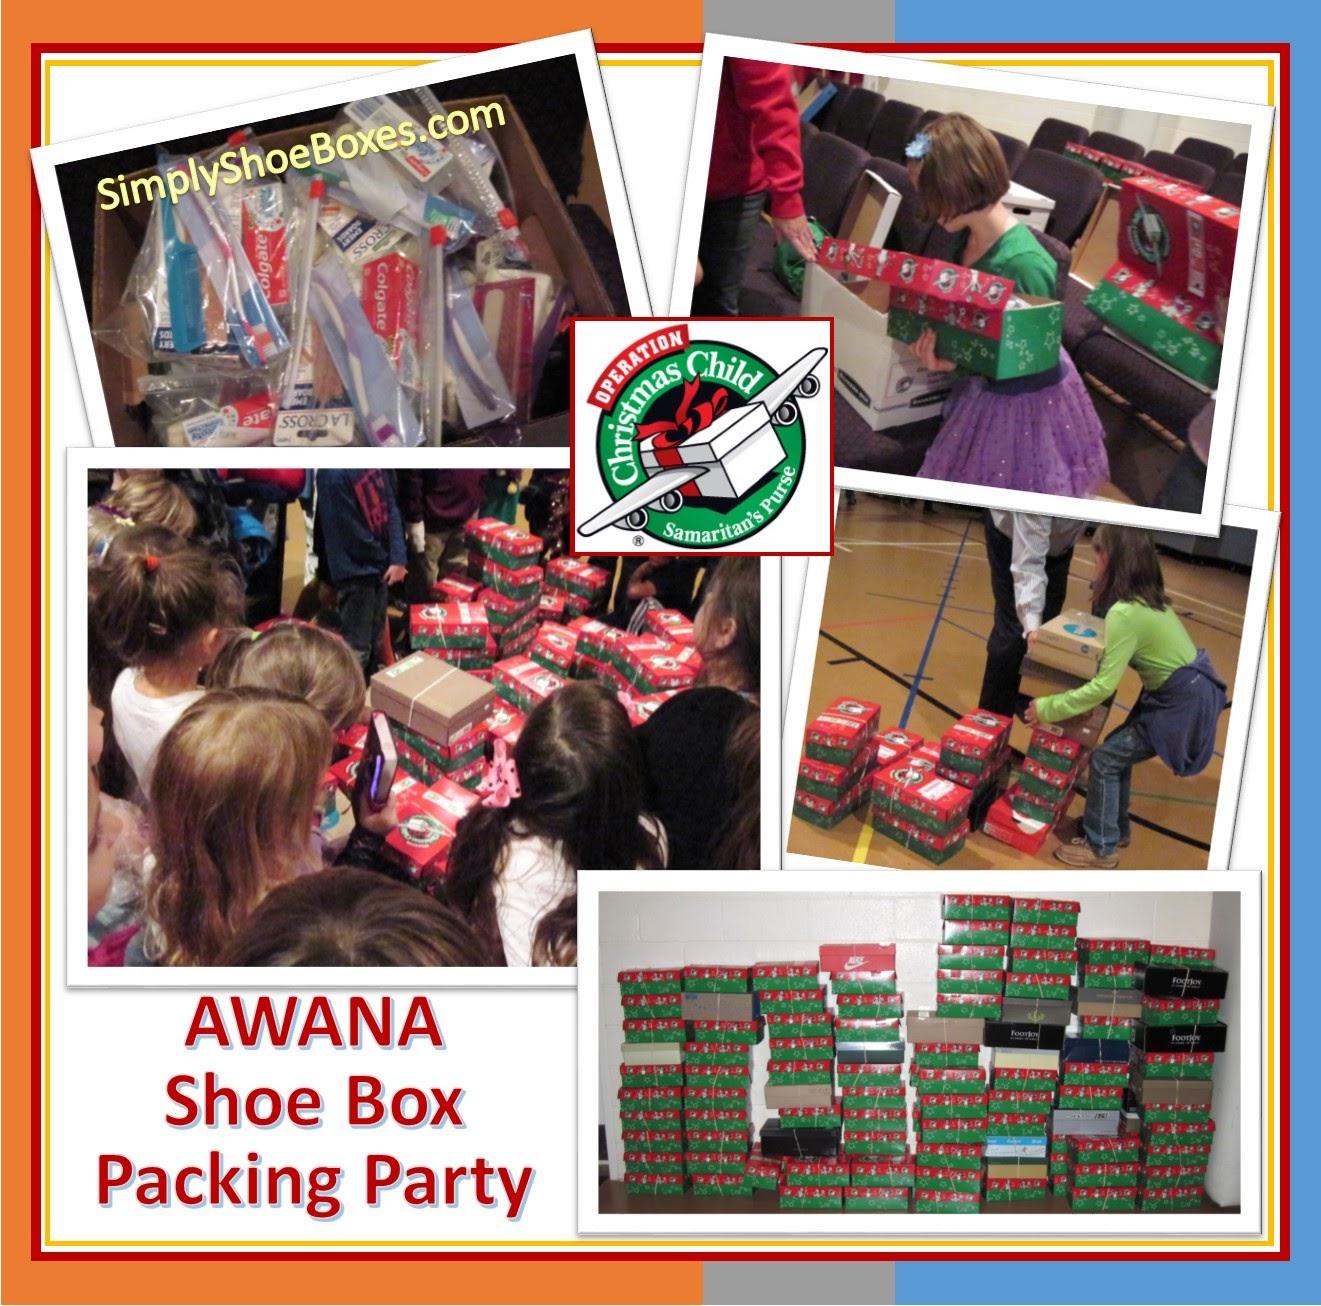 AWANA Operation Christmas Child shoebox packing party.